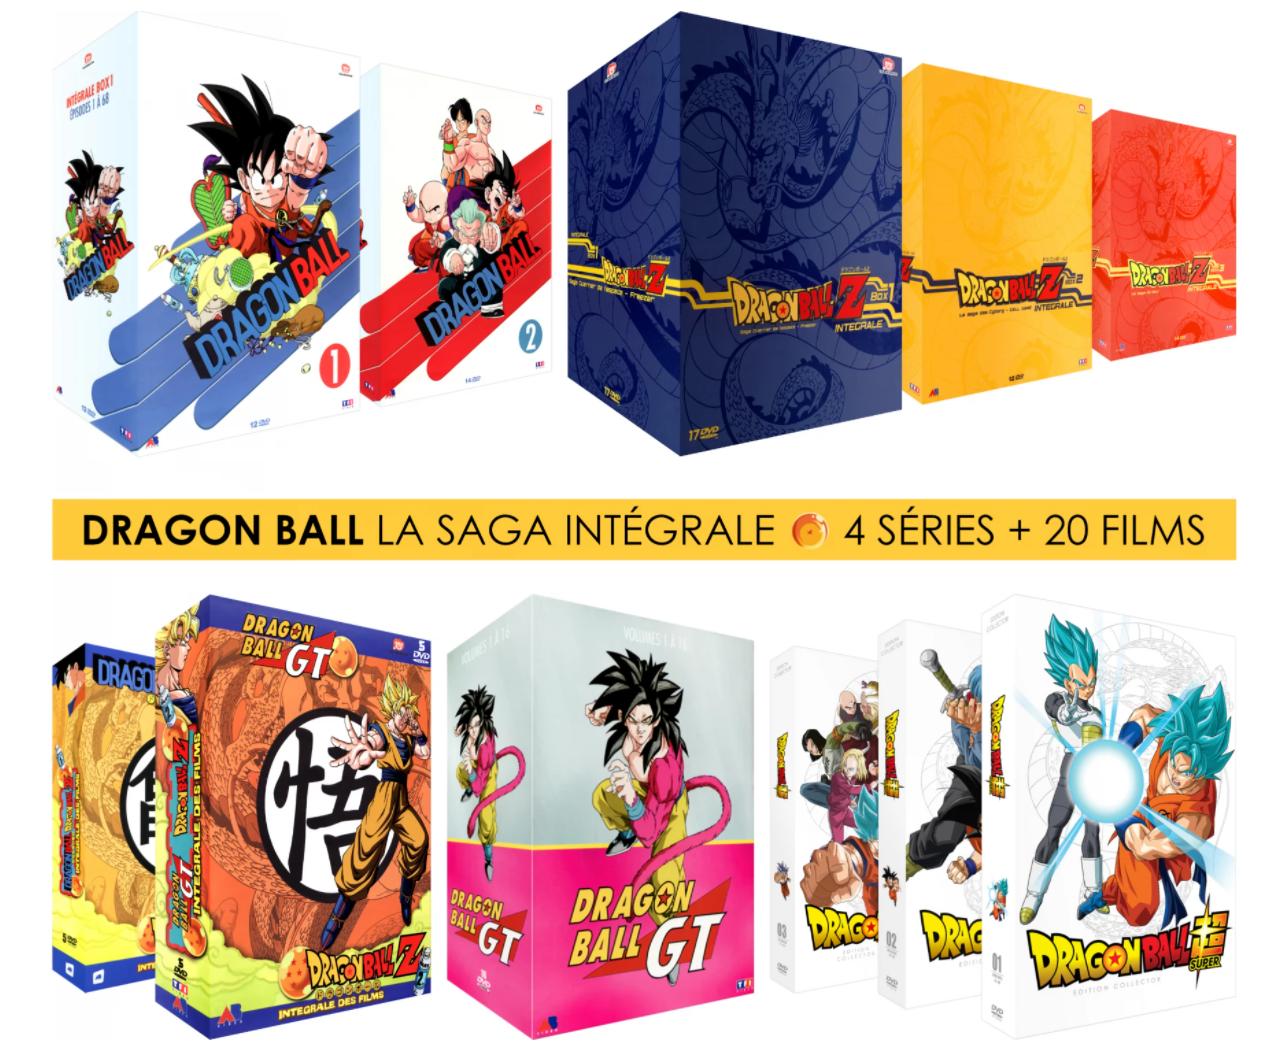 Pack 10 Coffrets DVD : Dragon Ball Z + Dragon Ball + Dragon Ball GT + Dragon Ball Super + 20 Films & OAV - Intégrale Collector (Non censuré)